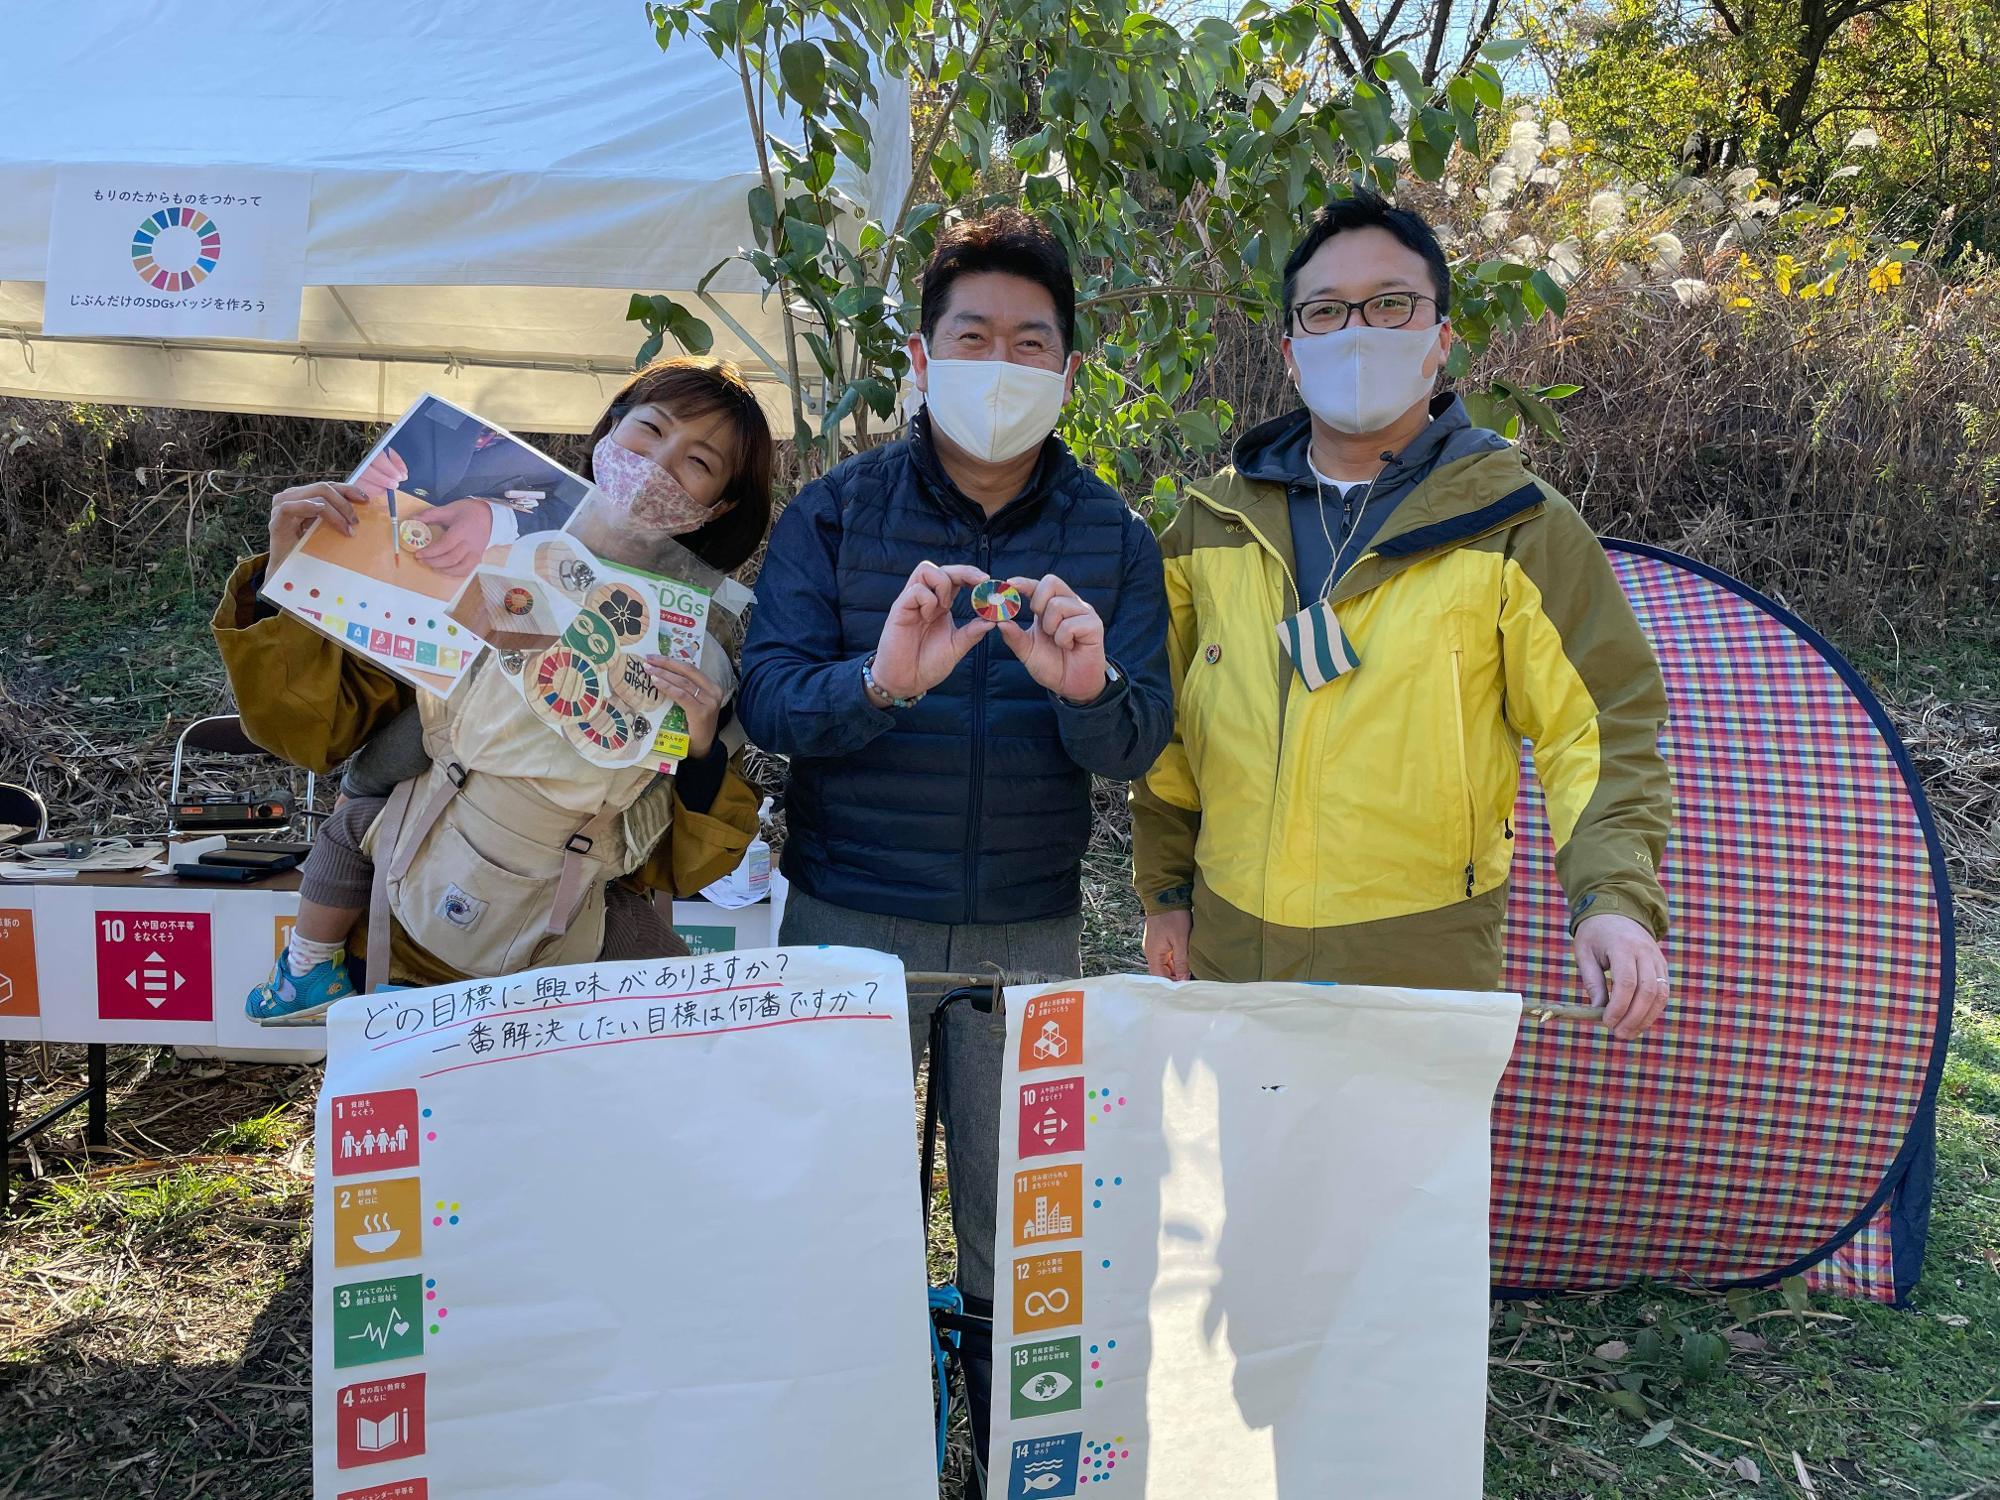 なんと福田市長もバッヂ作りに参加! 興奮した今井夫妻が市長と一緒にパチリ。